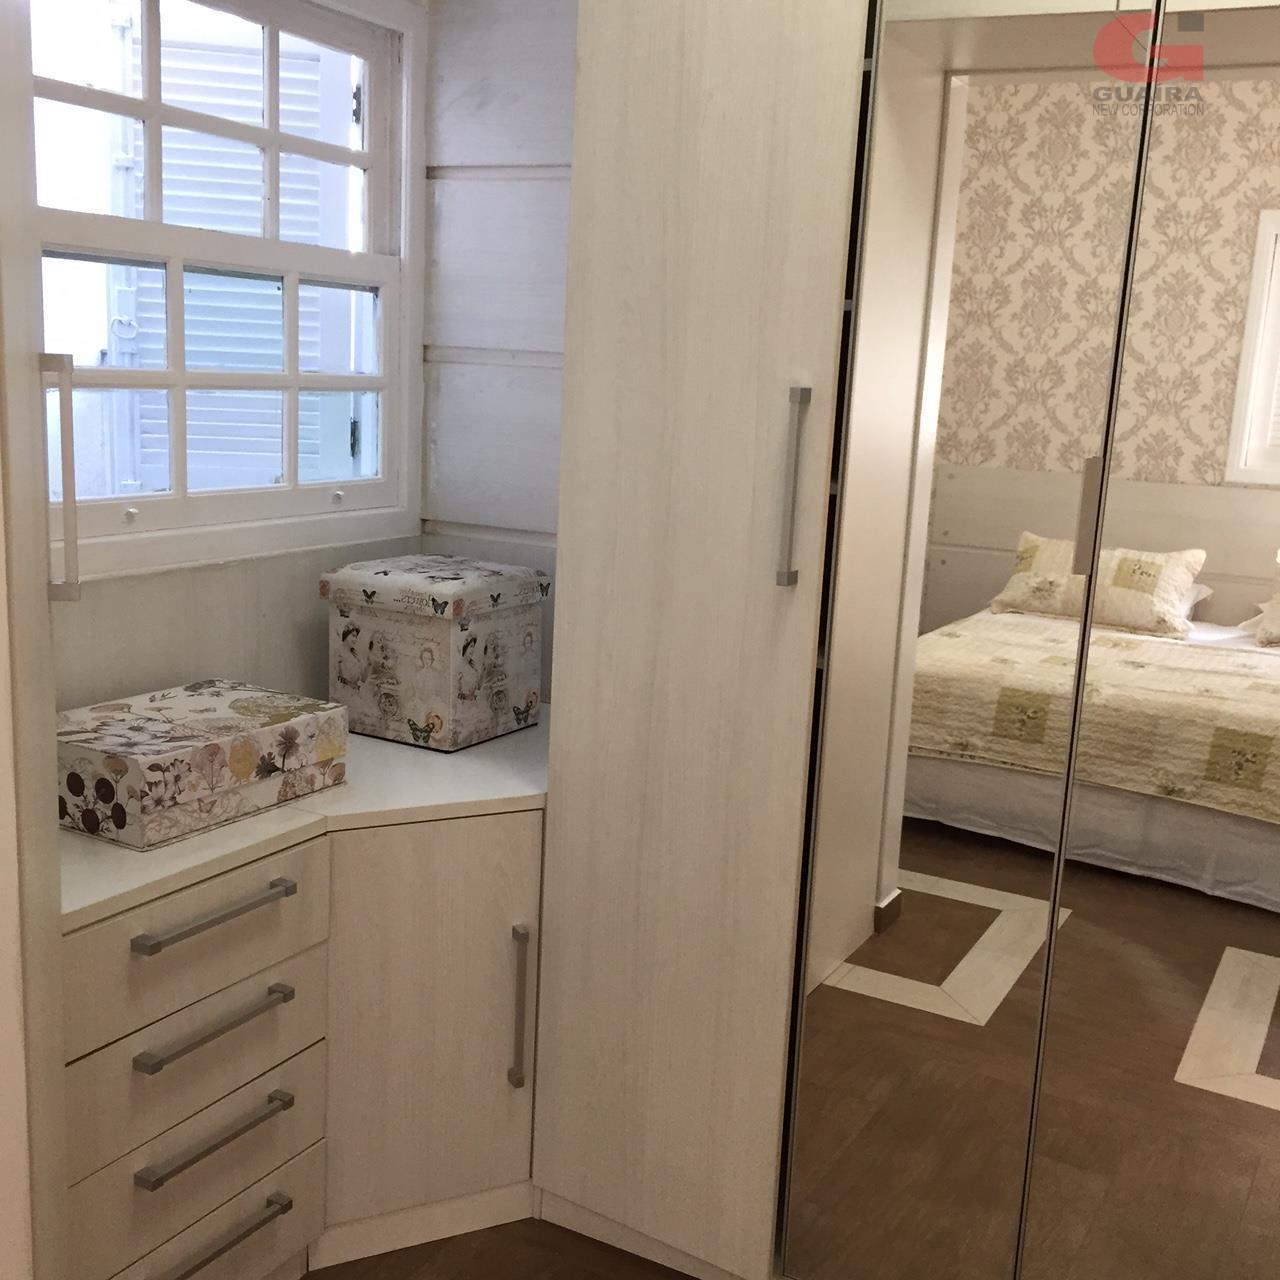 Sobrado de 2 dormitórios à venda em Vila Pires, Santo André - SP